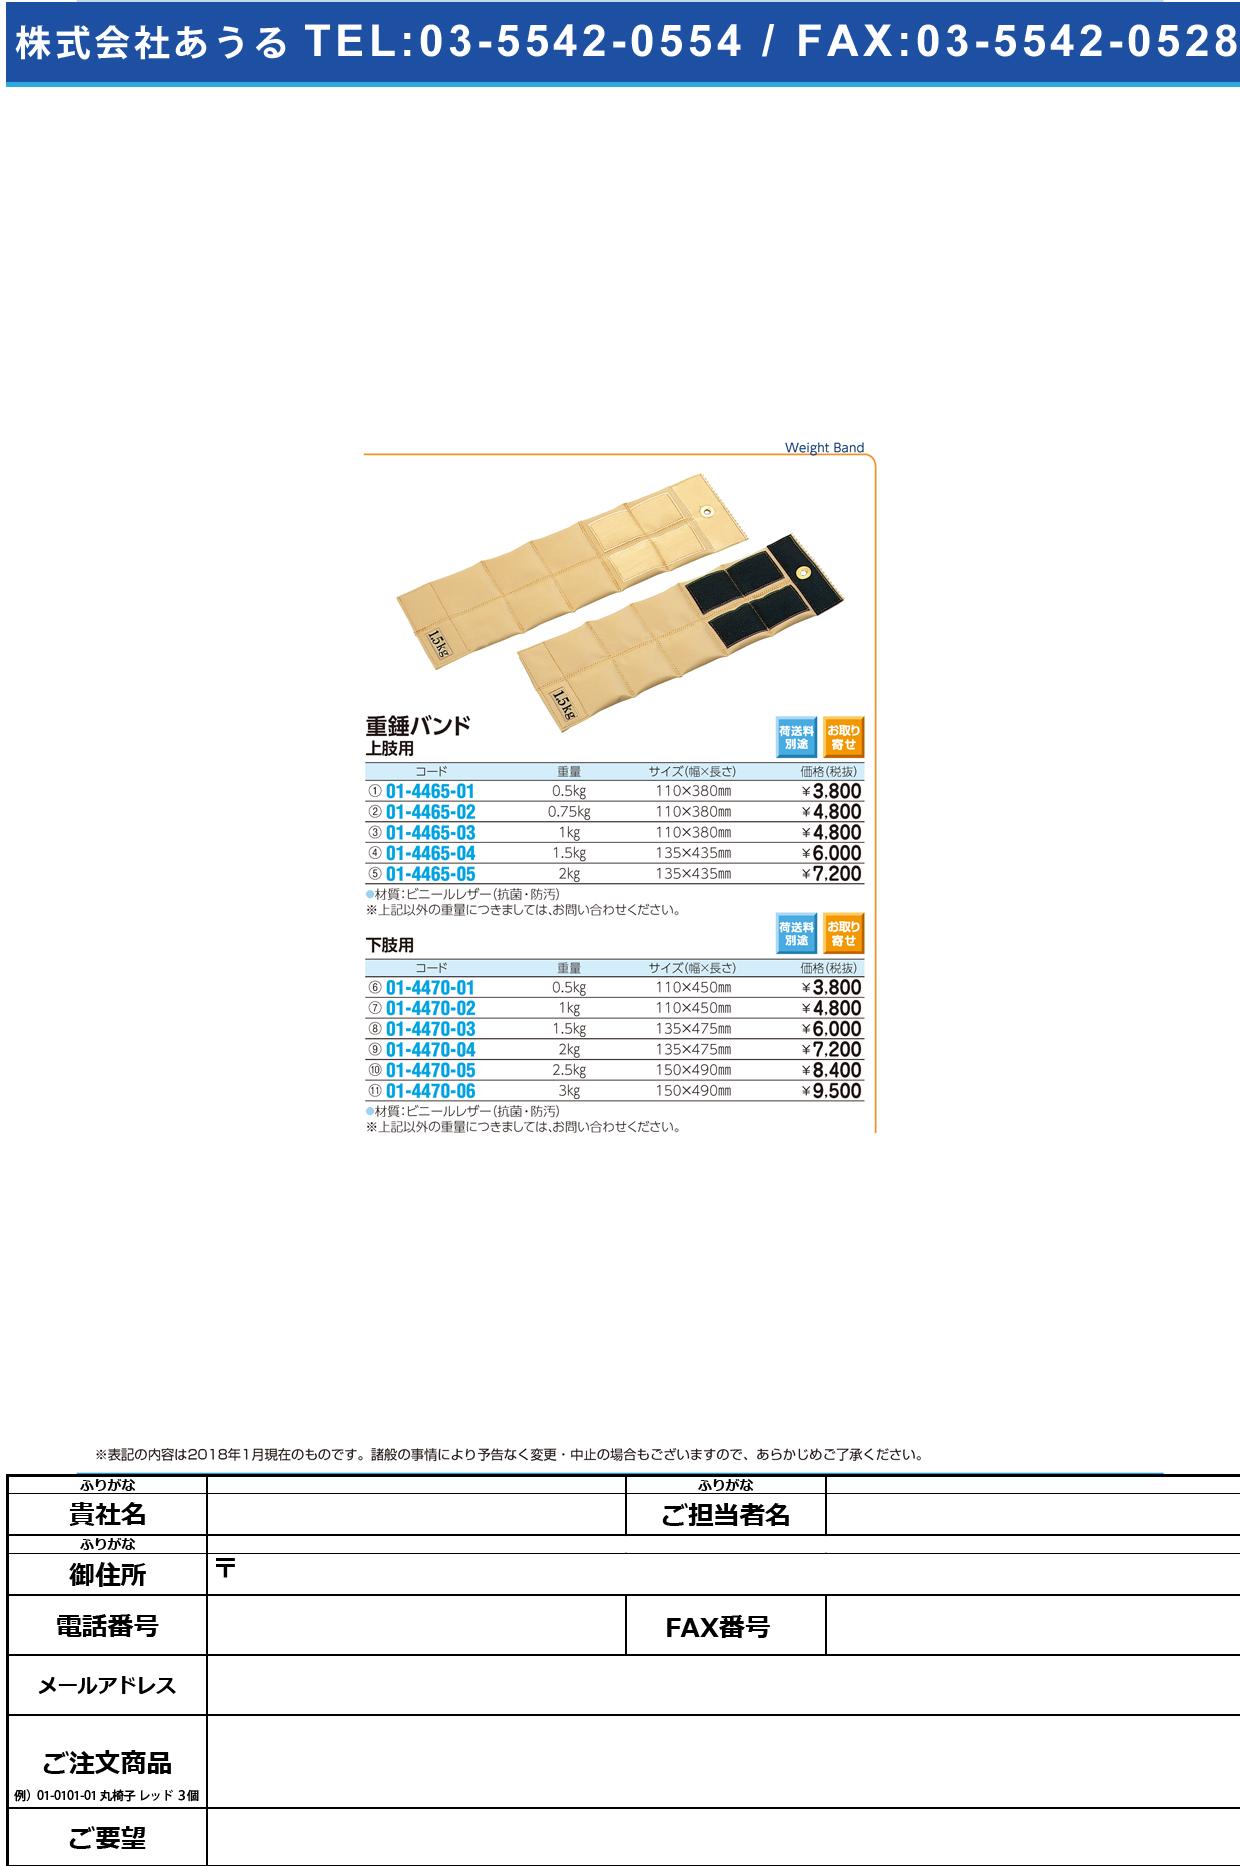 (01-4465-05)重錘バンド(上肢用) 2KG ジュウスイバンド【1個単位】【2019年カタログ商品】